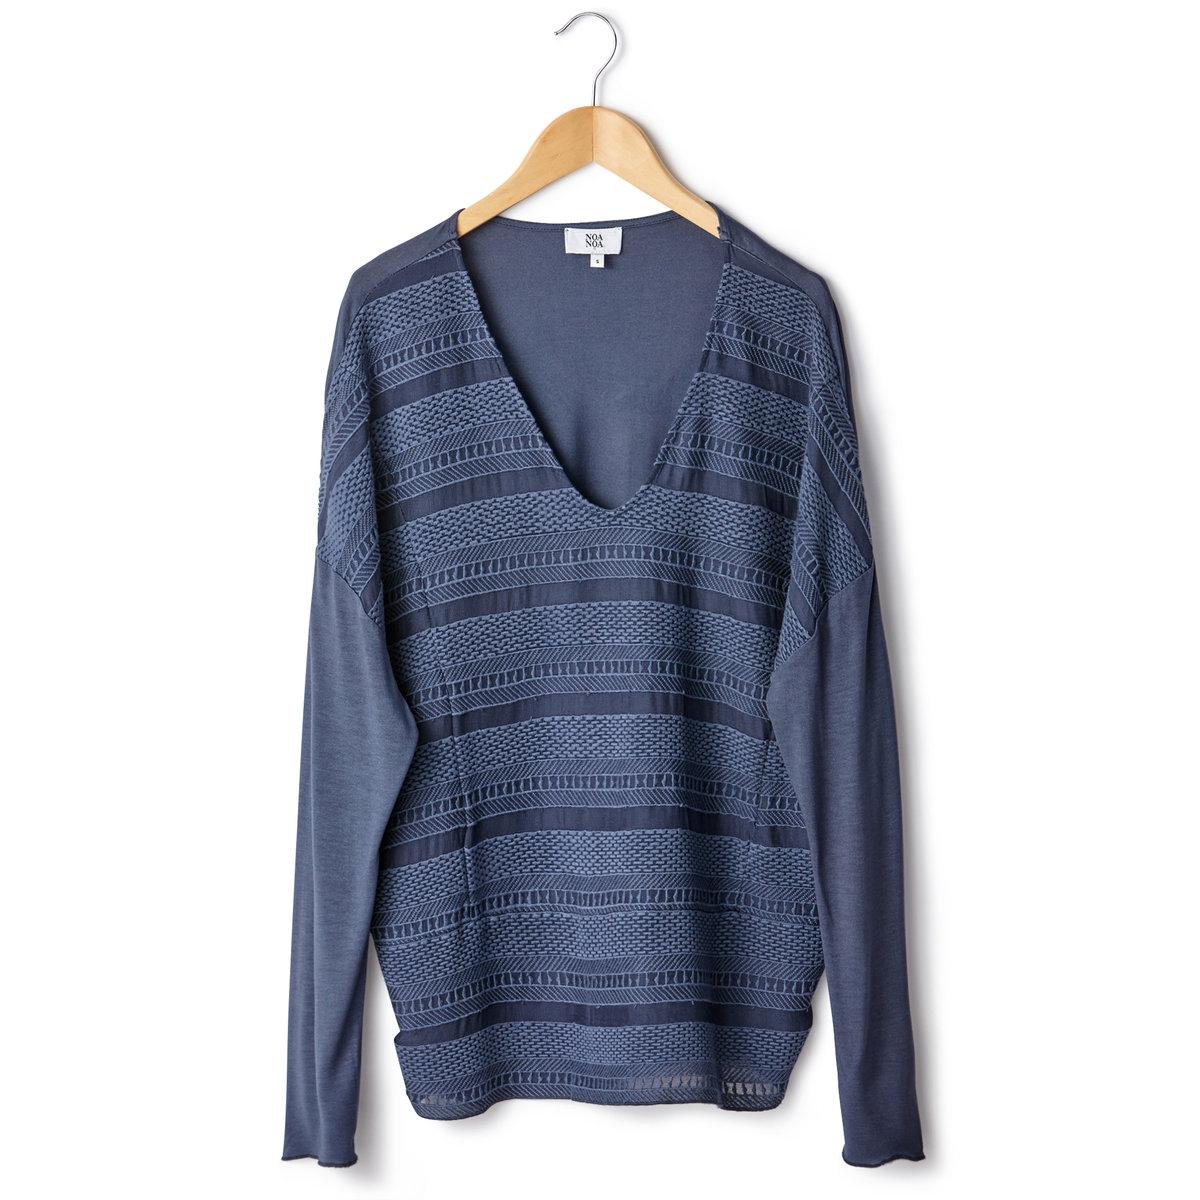 Блузка из ажурной ткани с длинными рукавамиБлузка из ажурной ткани - NOA NOA. Длинные рукава. V-образный вырез. Оригинальное сочетание полос ажурной ткани и вышивки спереди.100% вискозы.<br><br>Цвет: синий,экрю<br>Размер: 38 (FR) - 44 (RUS).44 (FR) - 50 (RUS)